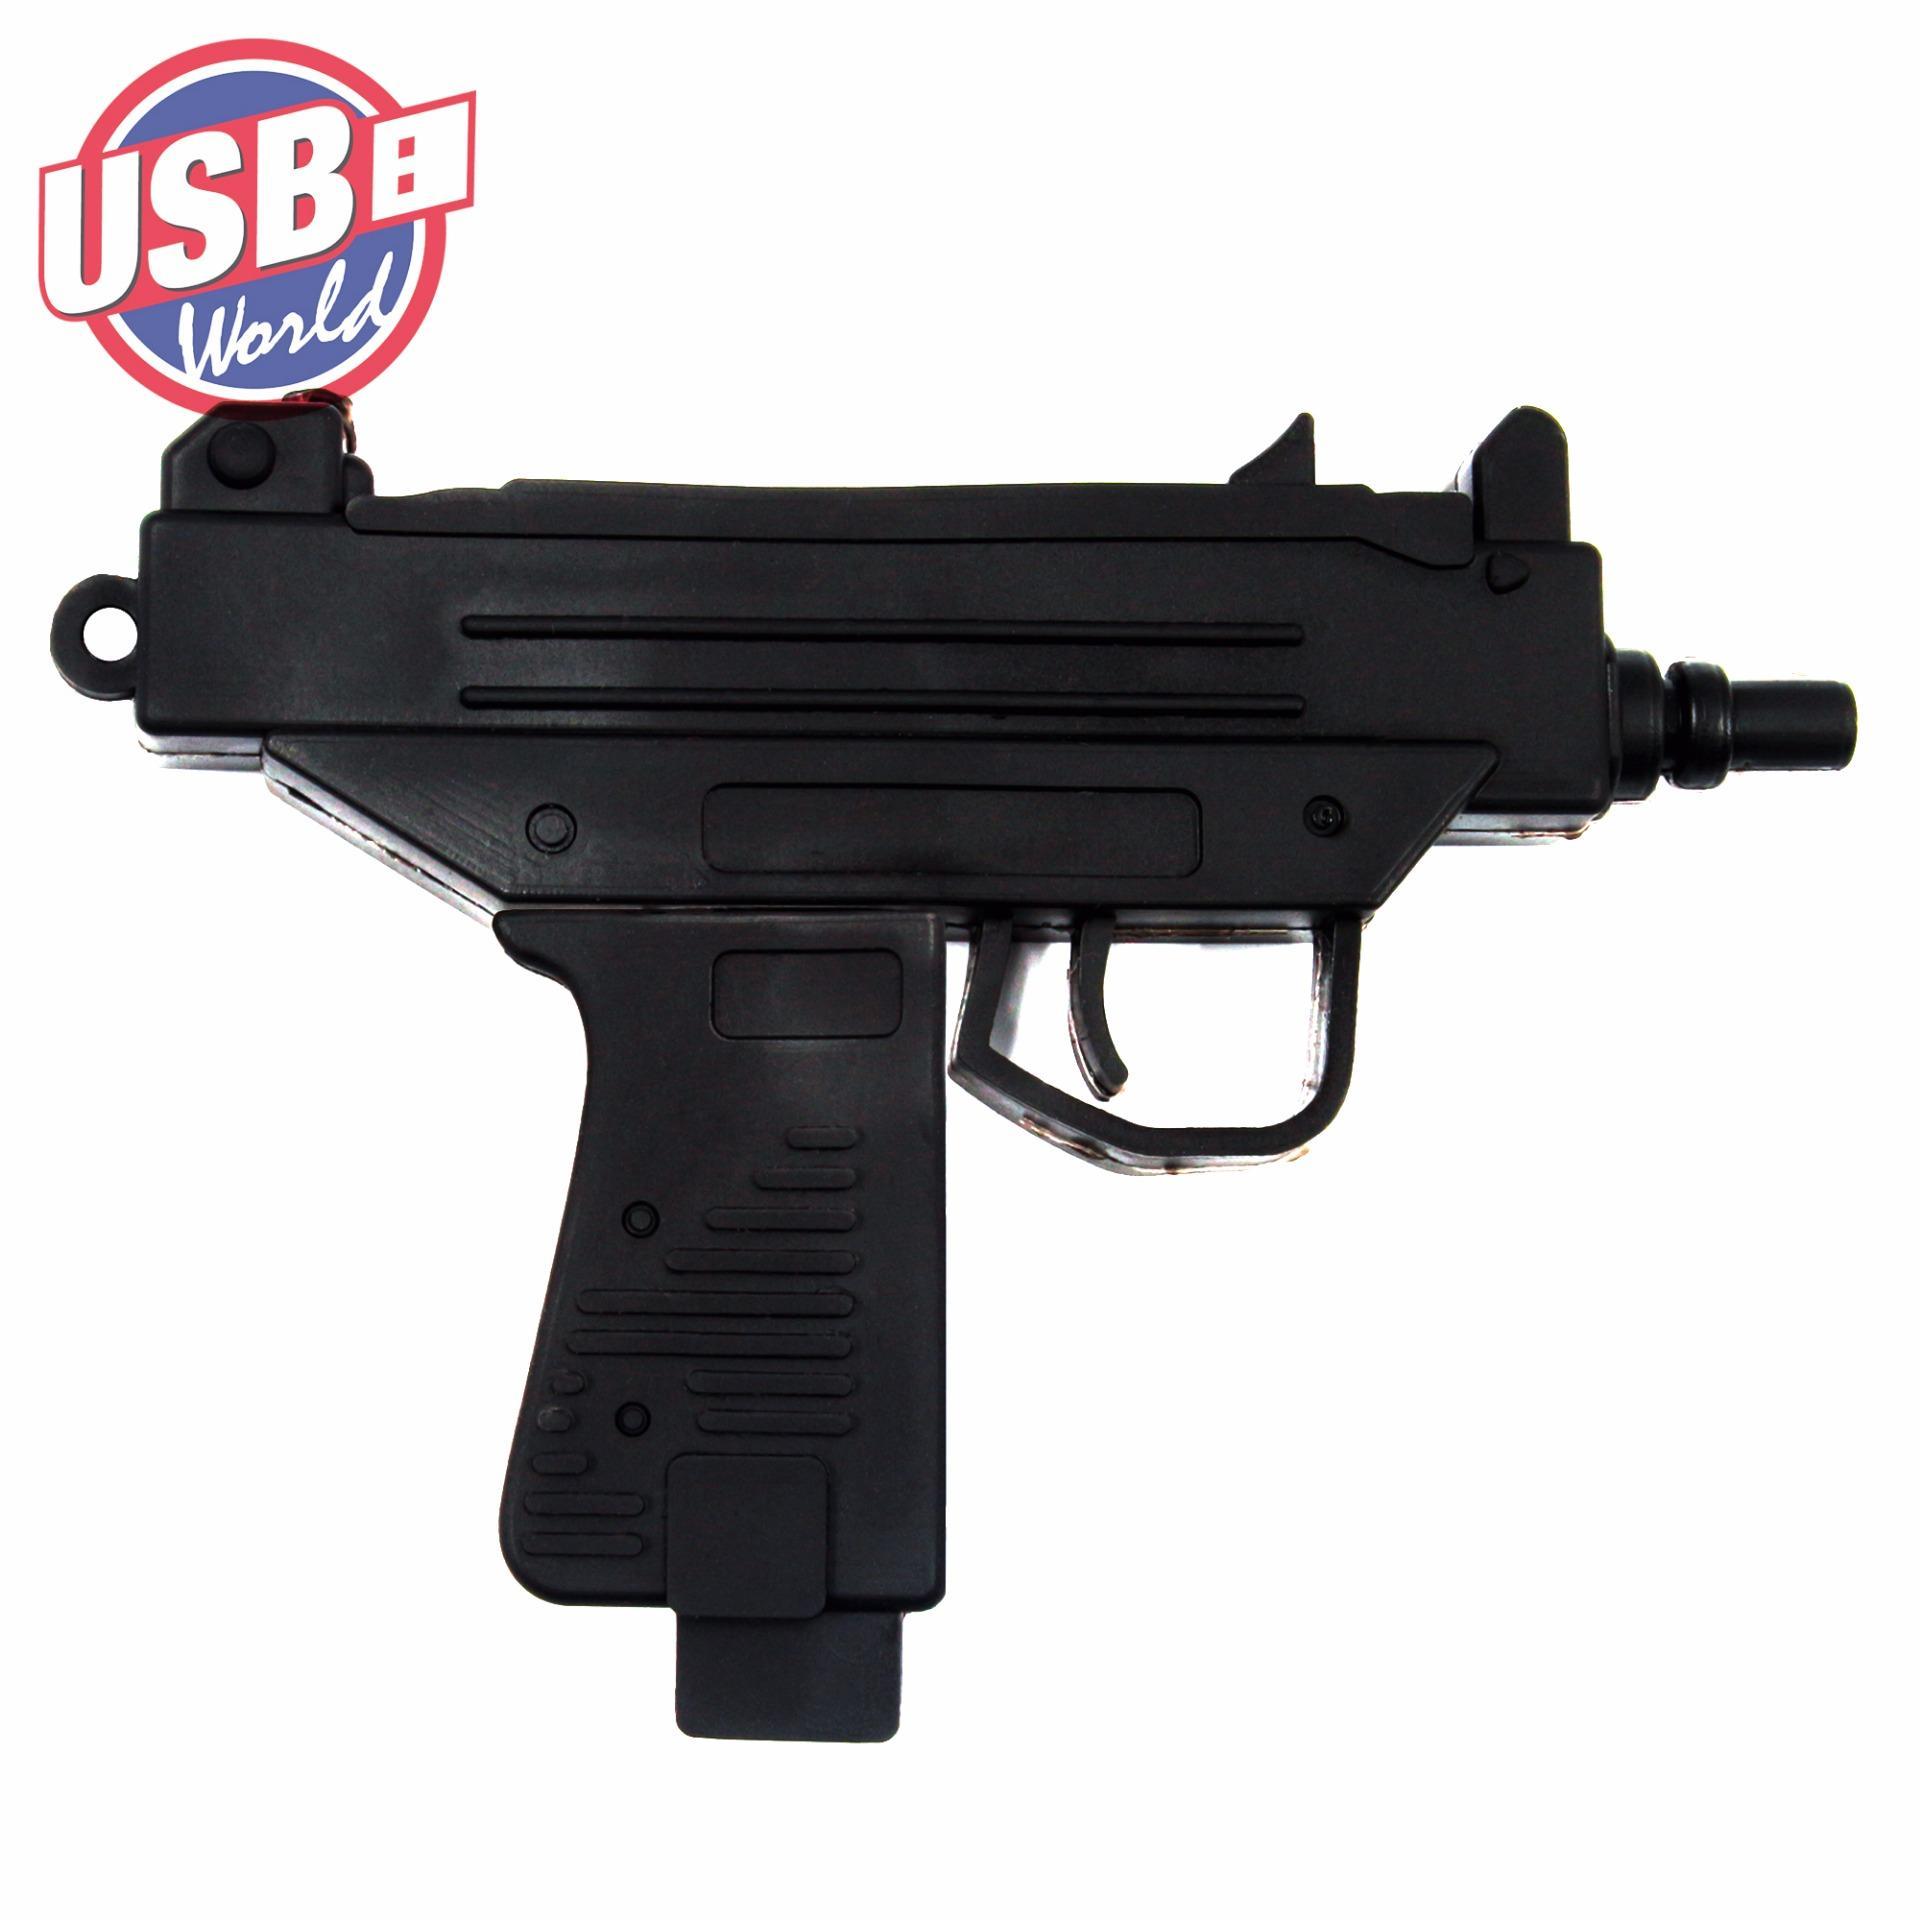 philippines usb world mini uzi bb machine gun 64gb usb rubber